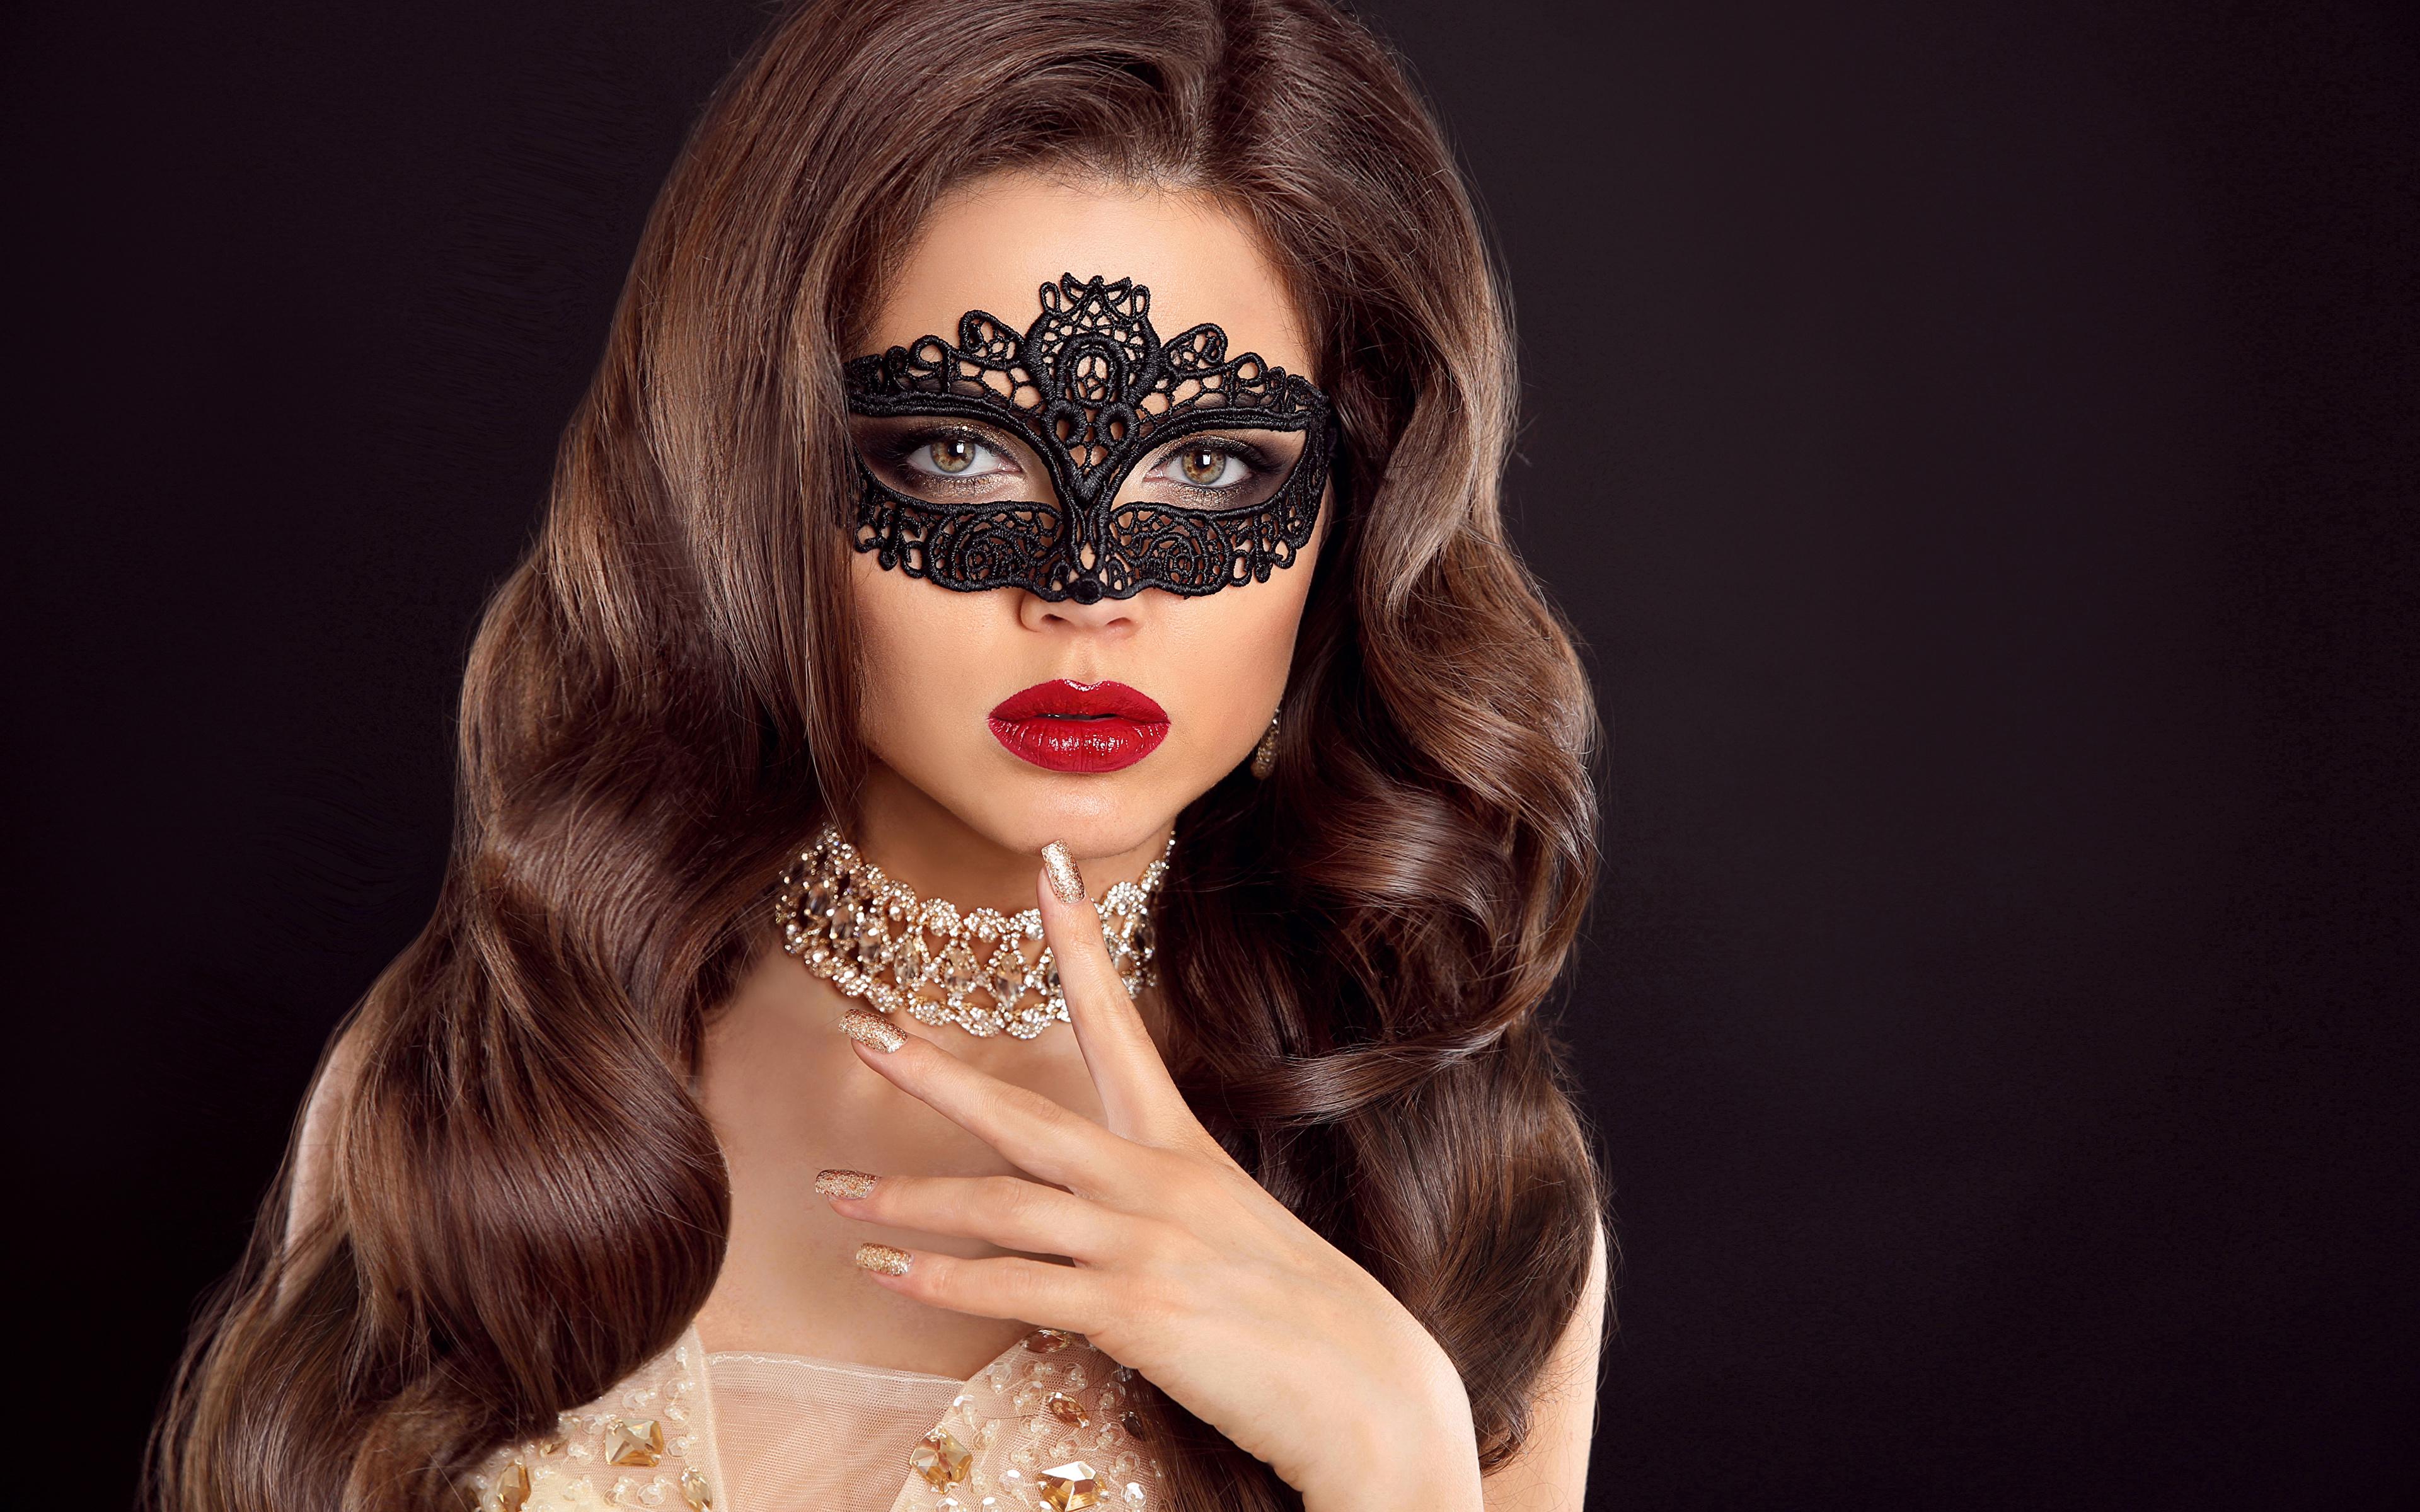 Обои Шатенка волос Девушки Маски Пальцы Черный фон Красные губы Украшения 3840x2400 Волосы